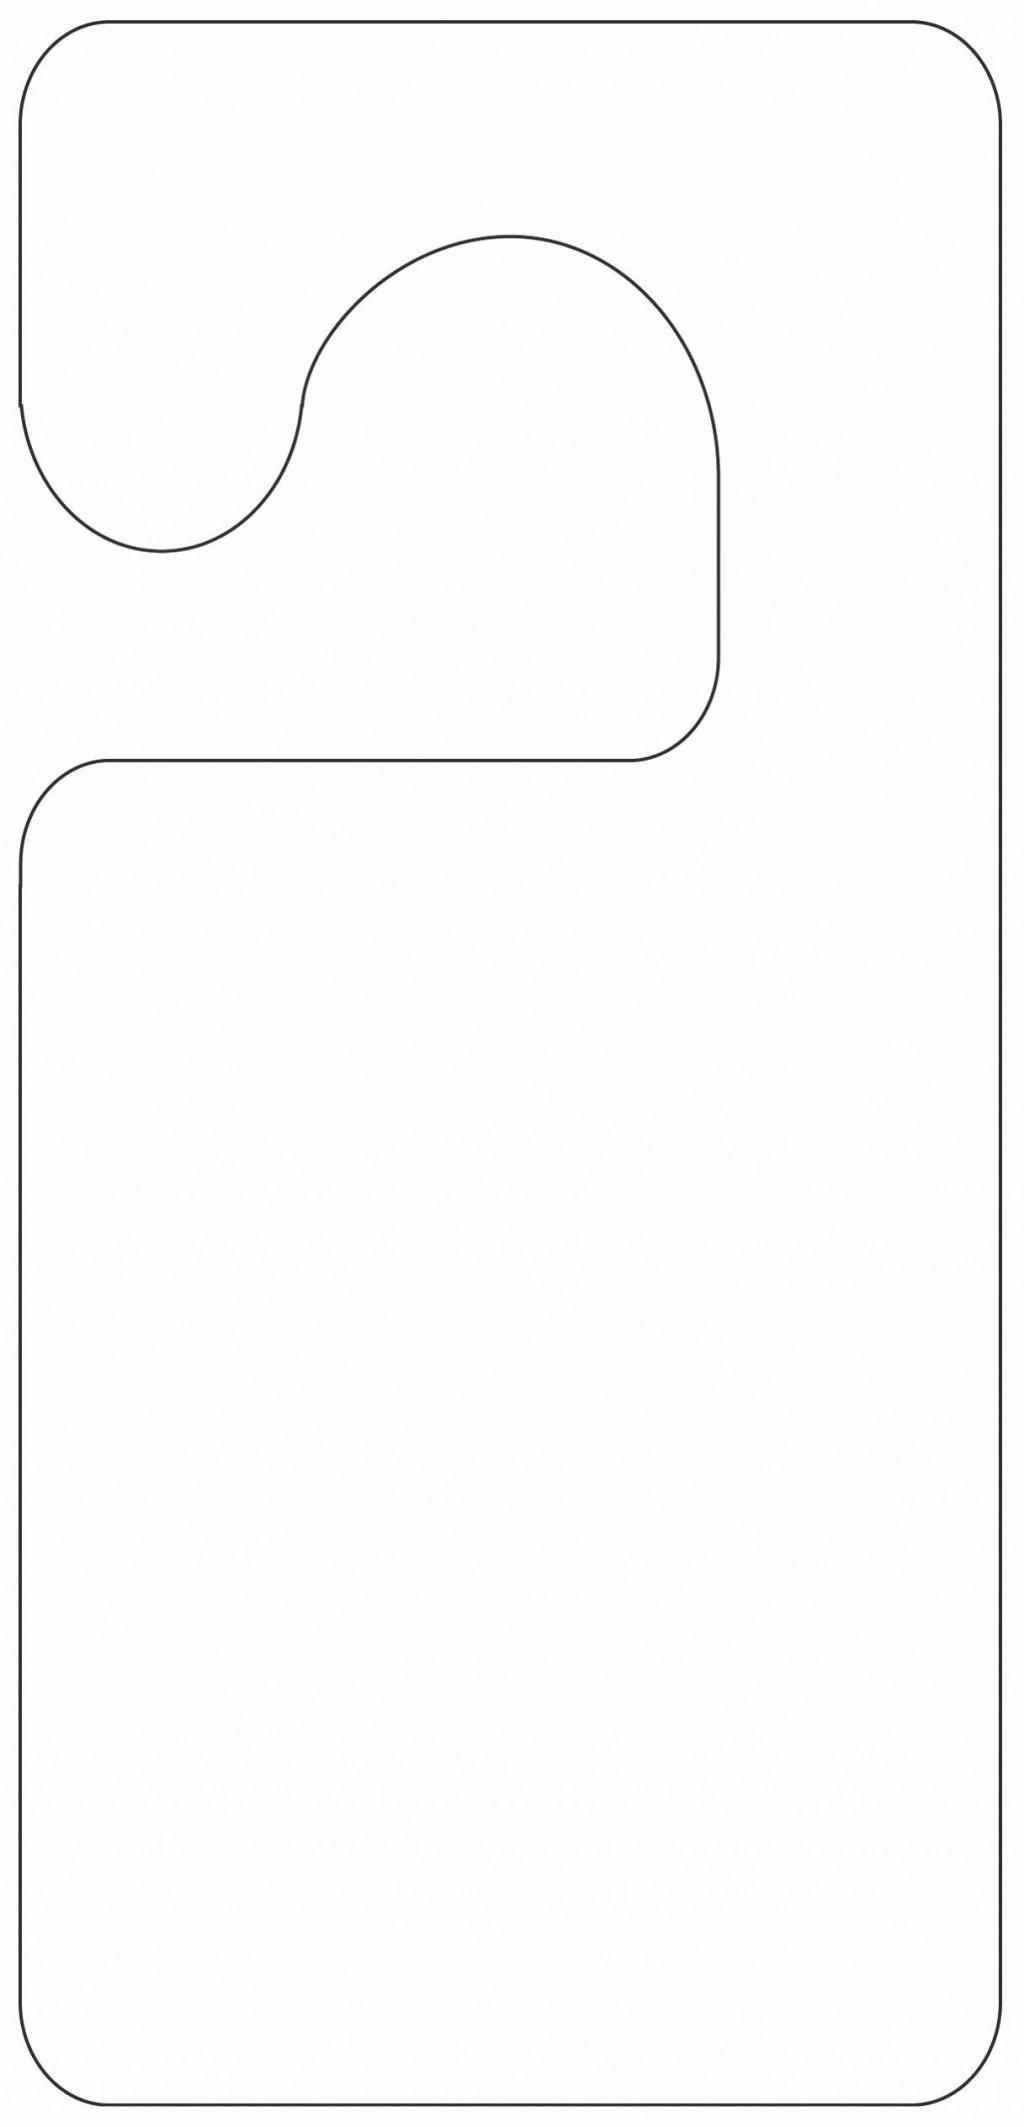 001 Beautiful Door Hanger Template For Word Sample  Free MicrosoftLarge